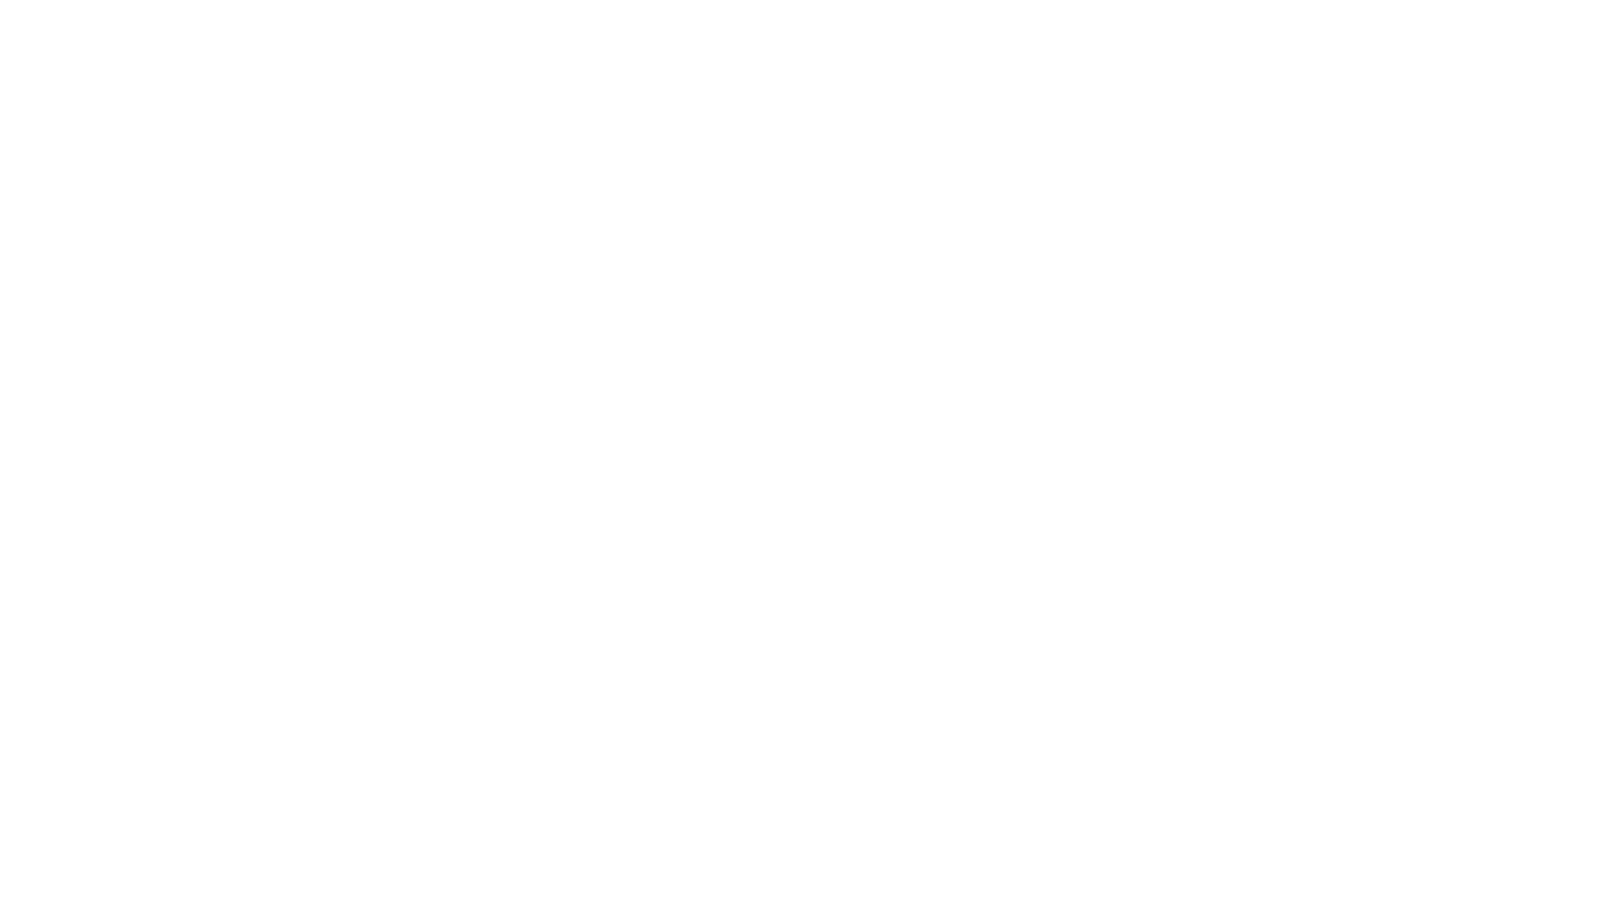 Neste vídeo ensinamos o modo de preparo de um delicioso Café Coado Hario V60.  Produção e captação de imagens: CE21 PRODUÇÕES  #chefsespeciaiscafe #chefsespeciais #sindromededown #friboi #grsacompass #trescoracoes #primeirocafeinclusivodobrasil #inclusaosocial #capacitacao #cafecoado #hariov60